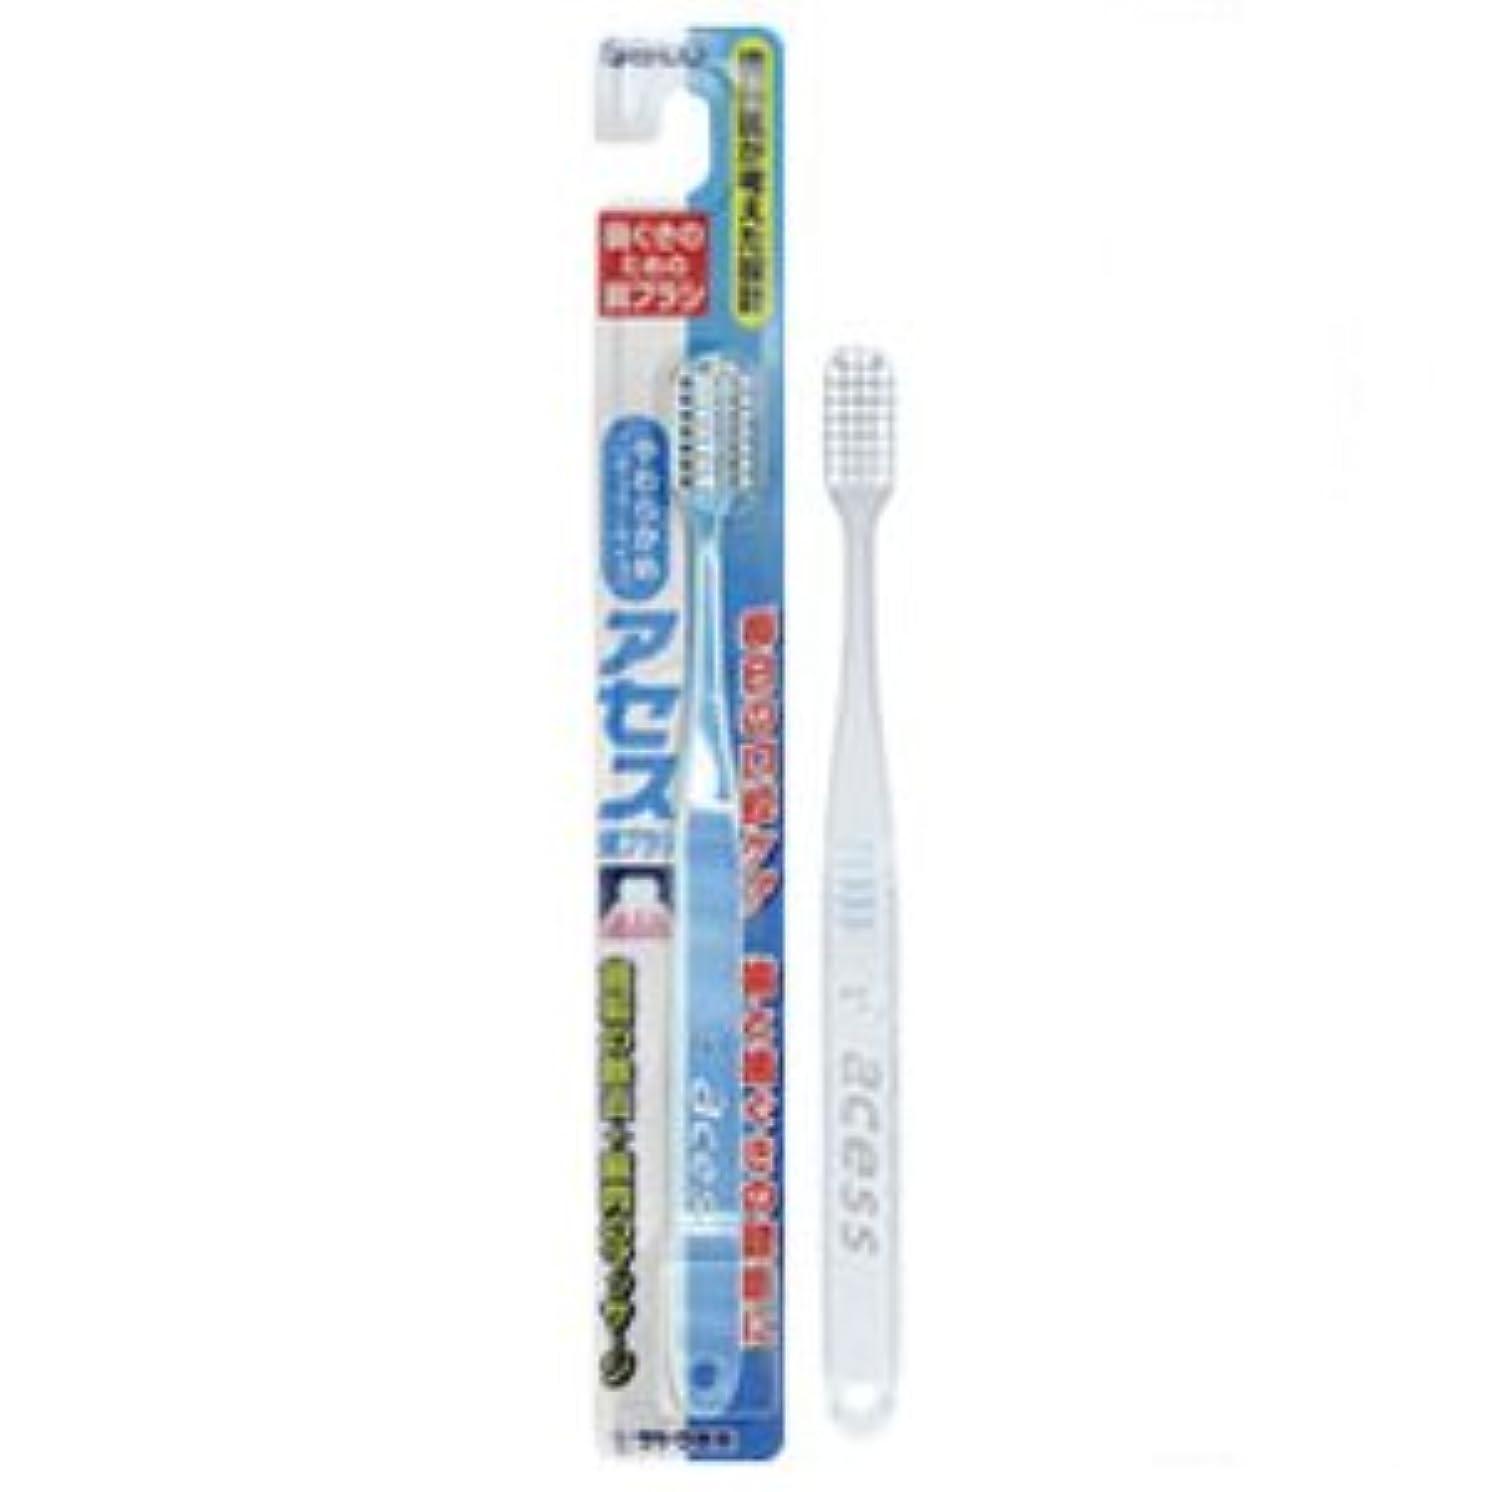 落胆した酸っぱいミシンアセス歯ブラシ やわらかめ(レギュラータイプ) クリア 12本